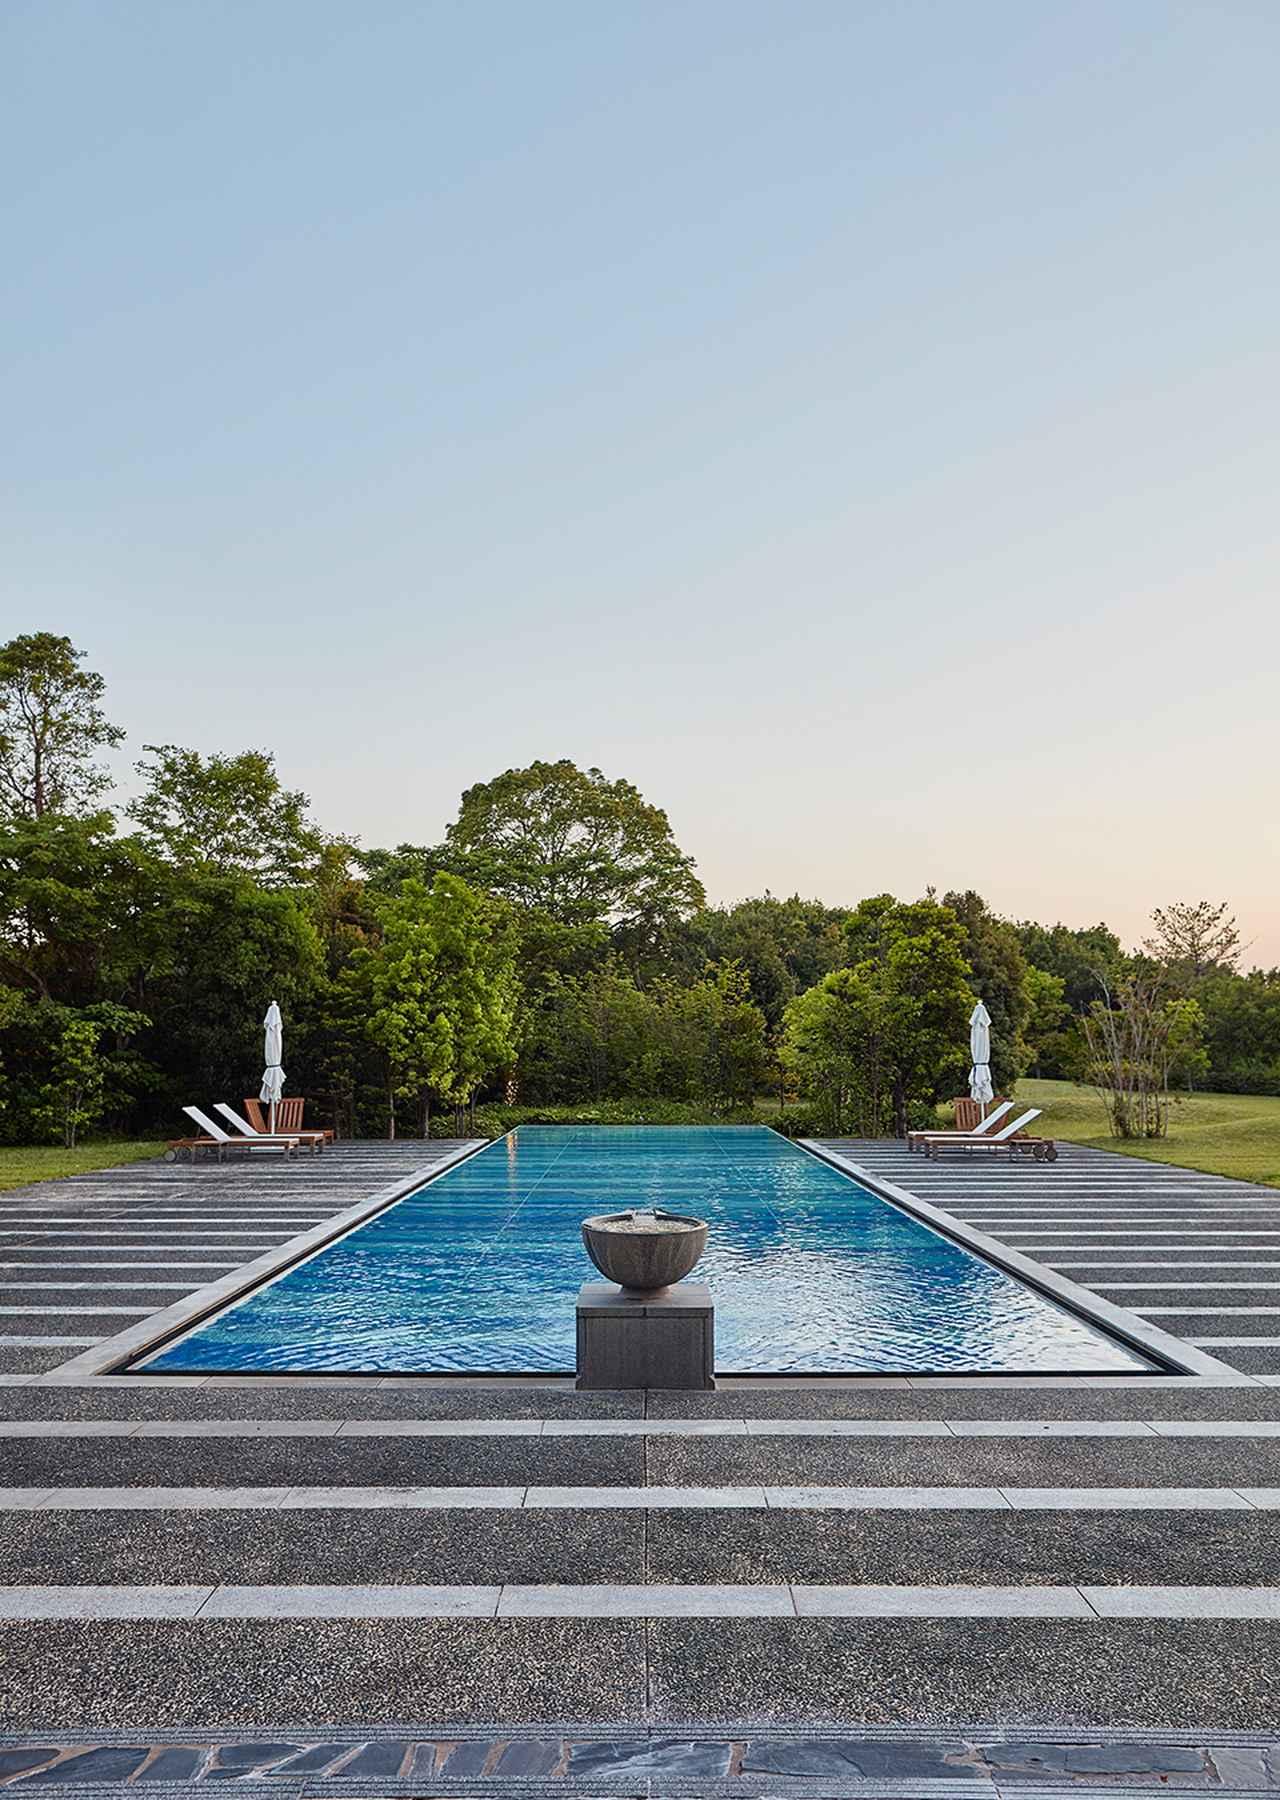 Images : 10番目の画像 - 「「志摩観光ホテル」で堪能する 伊勢志摩の恵み Vol.1 海と森と空に包まれる極上の滞在」のアルバム - T JAPAN:The New York Times Style Magazine 公式サイト